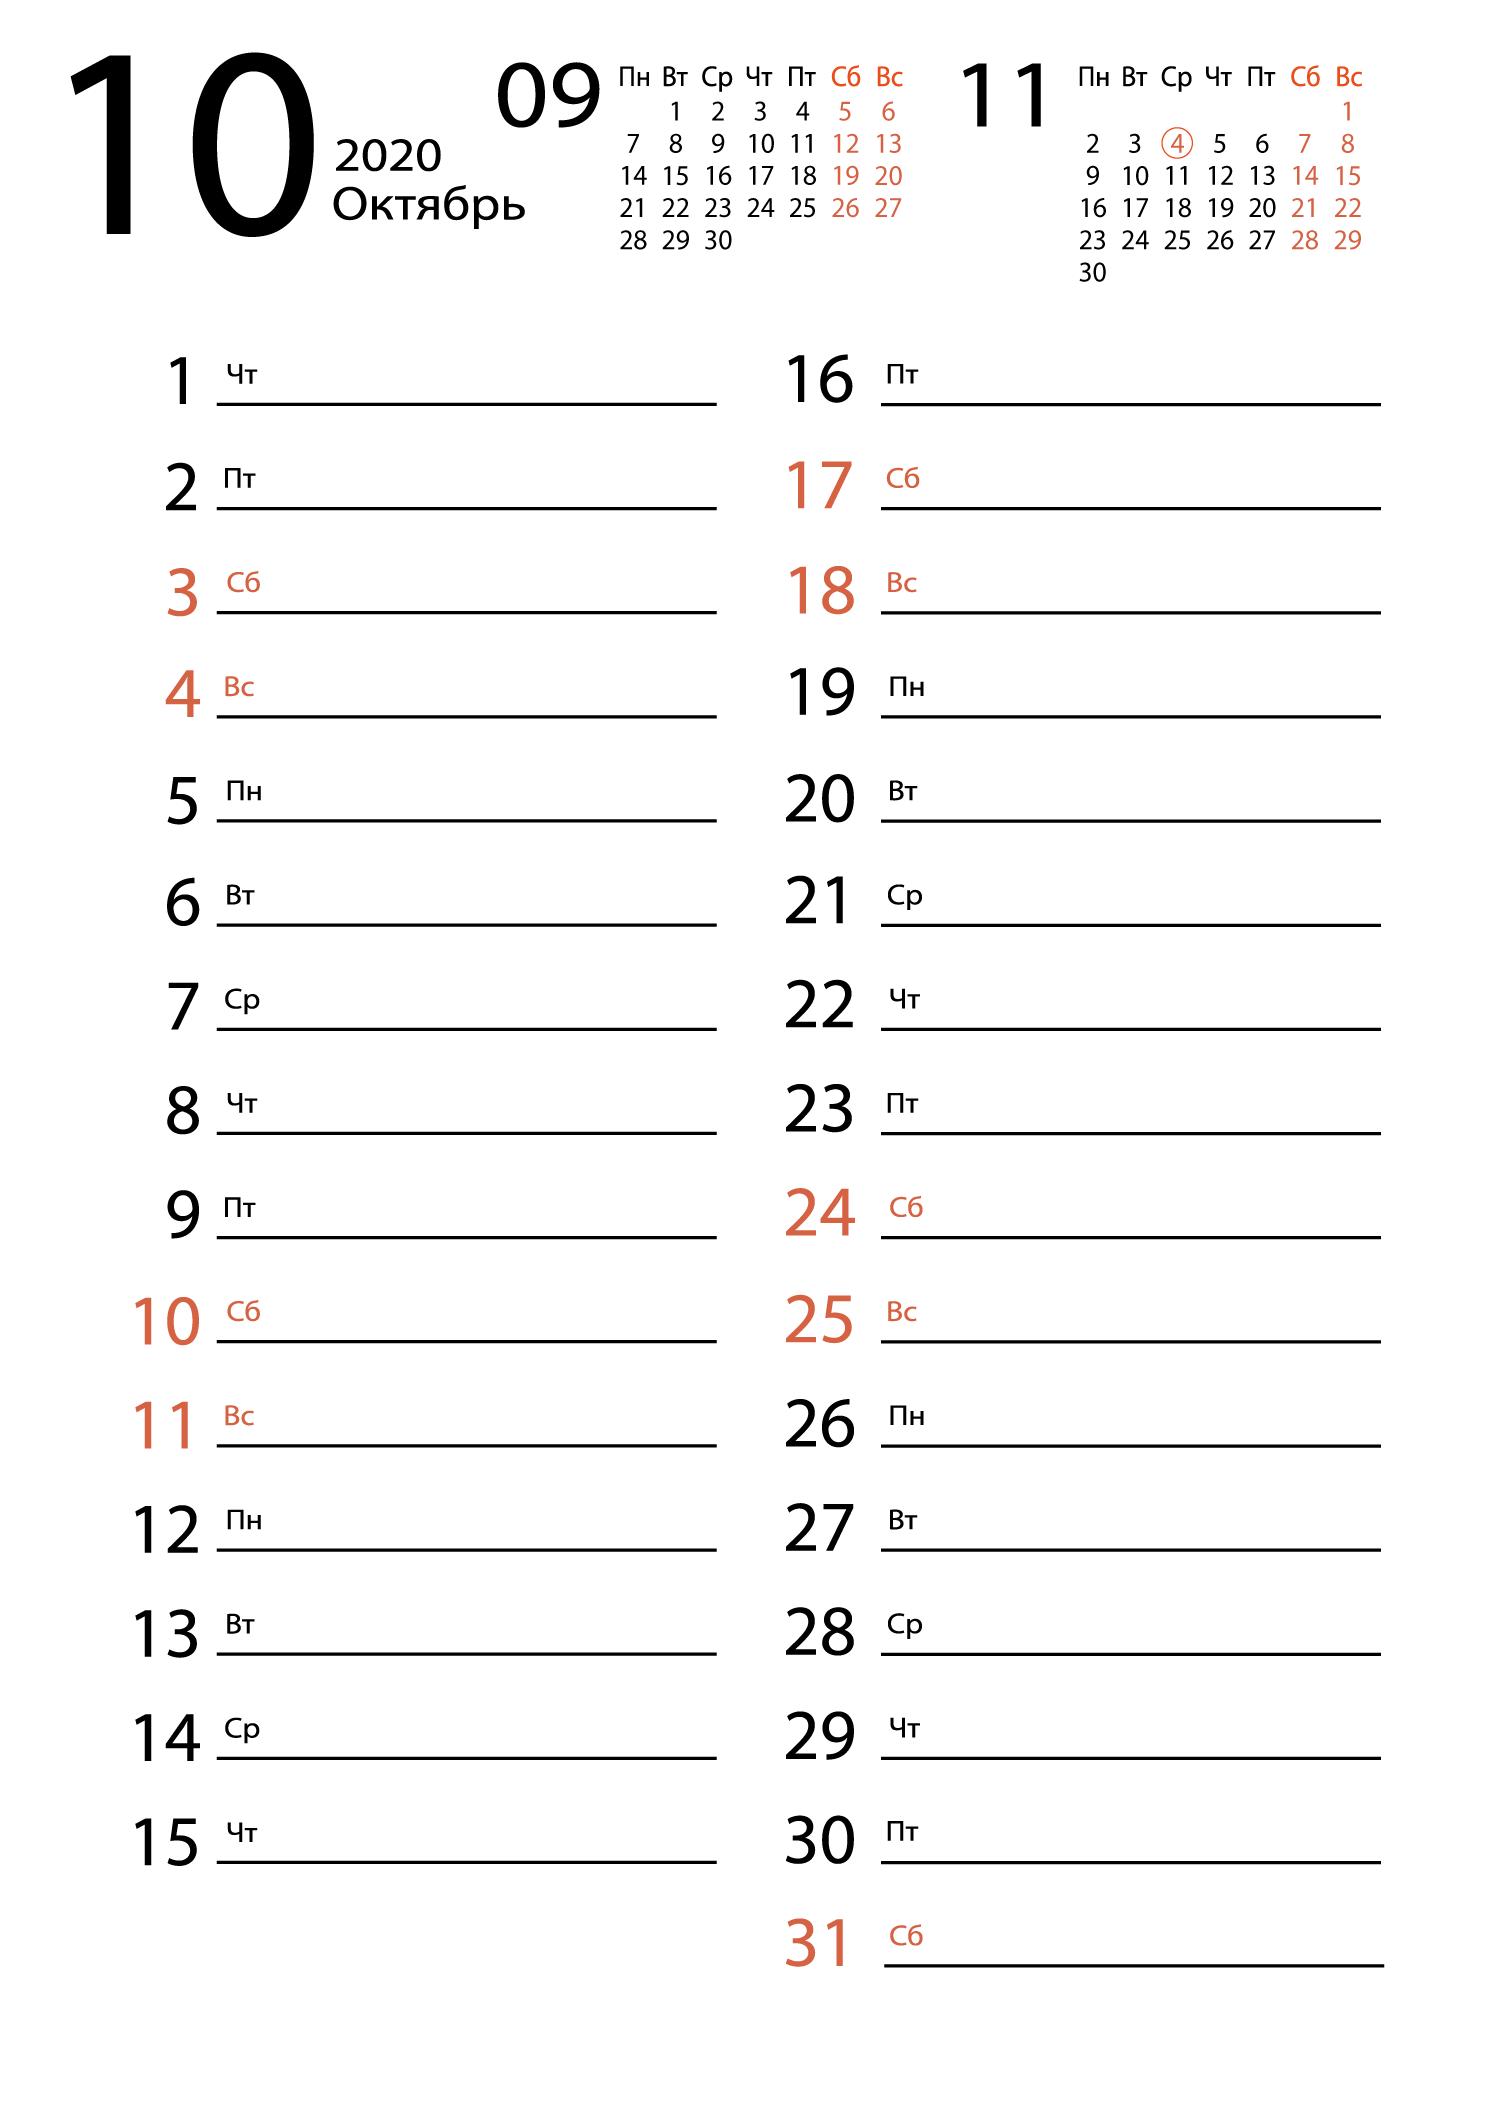 Календарь на октябрь 2020 (для заметок)